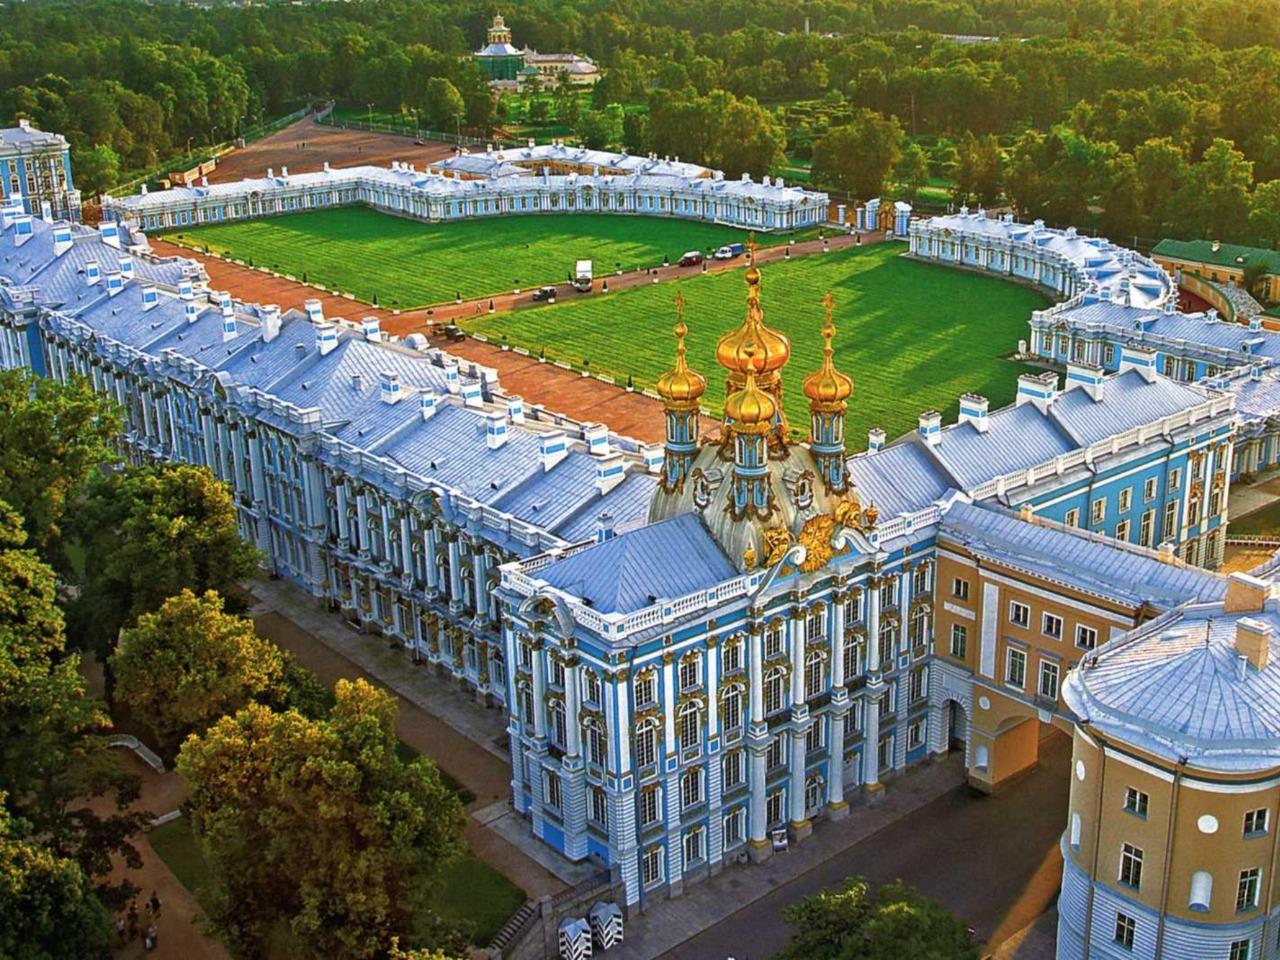 Царское село - прелестный пригород Петербурга - групповая экскурсия по Санкт-Петербургу от опытного гида